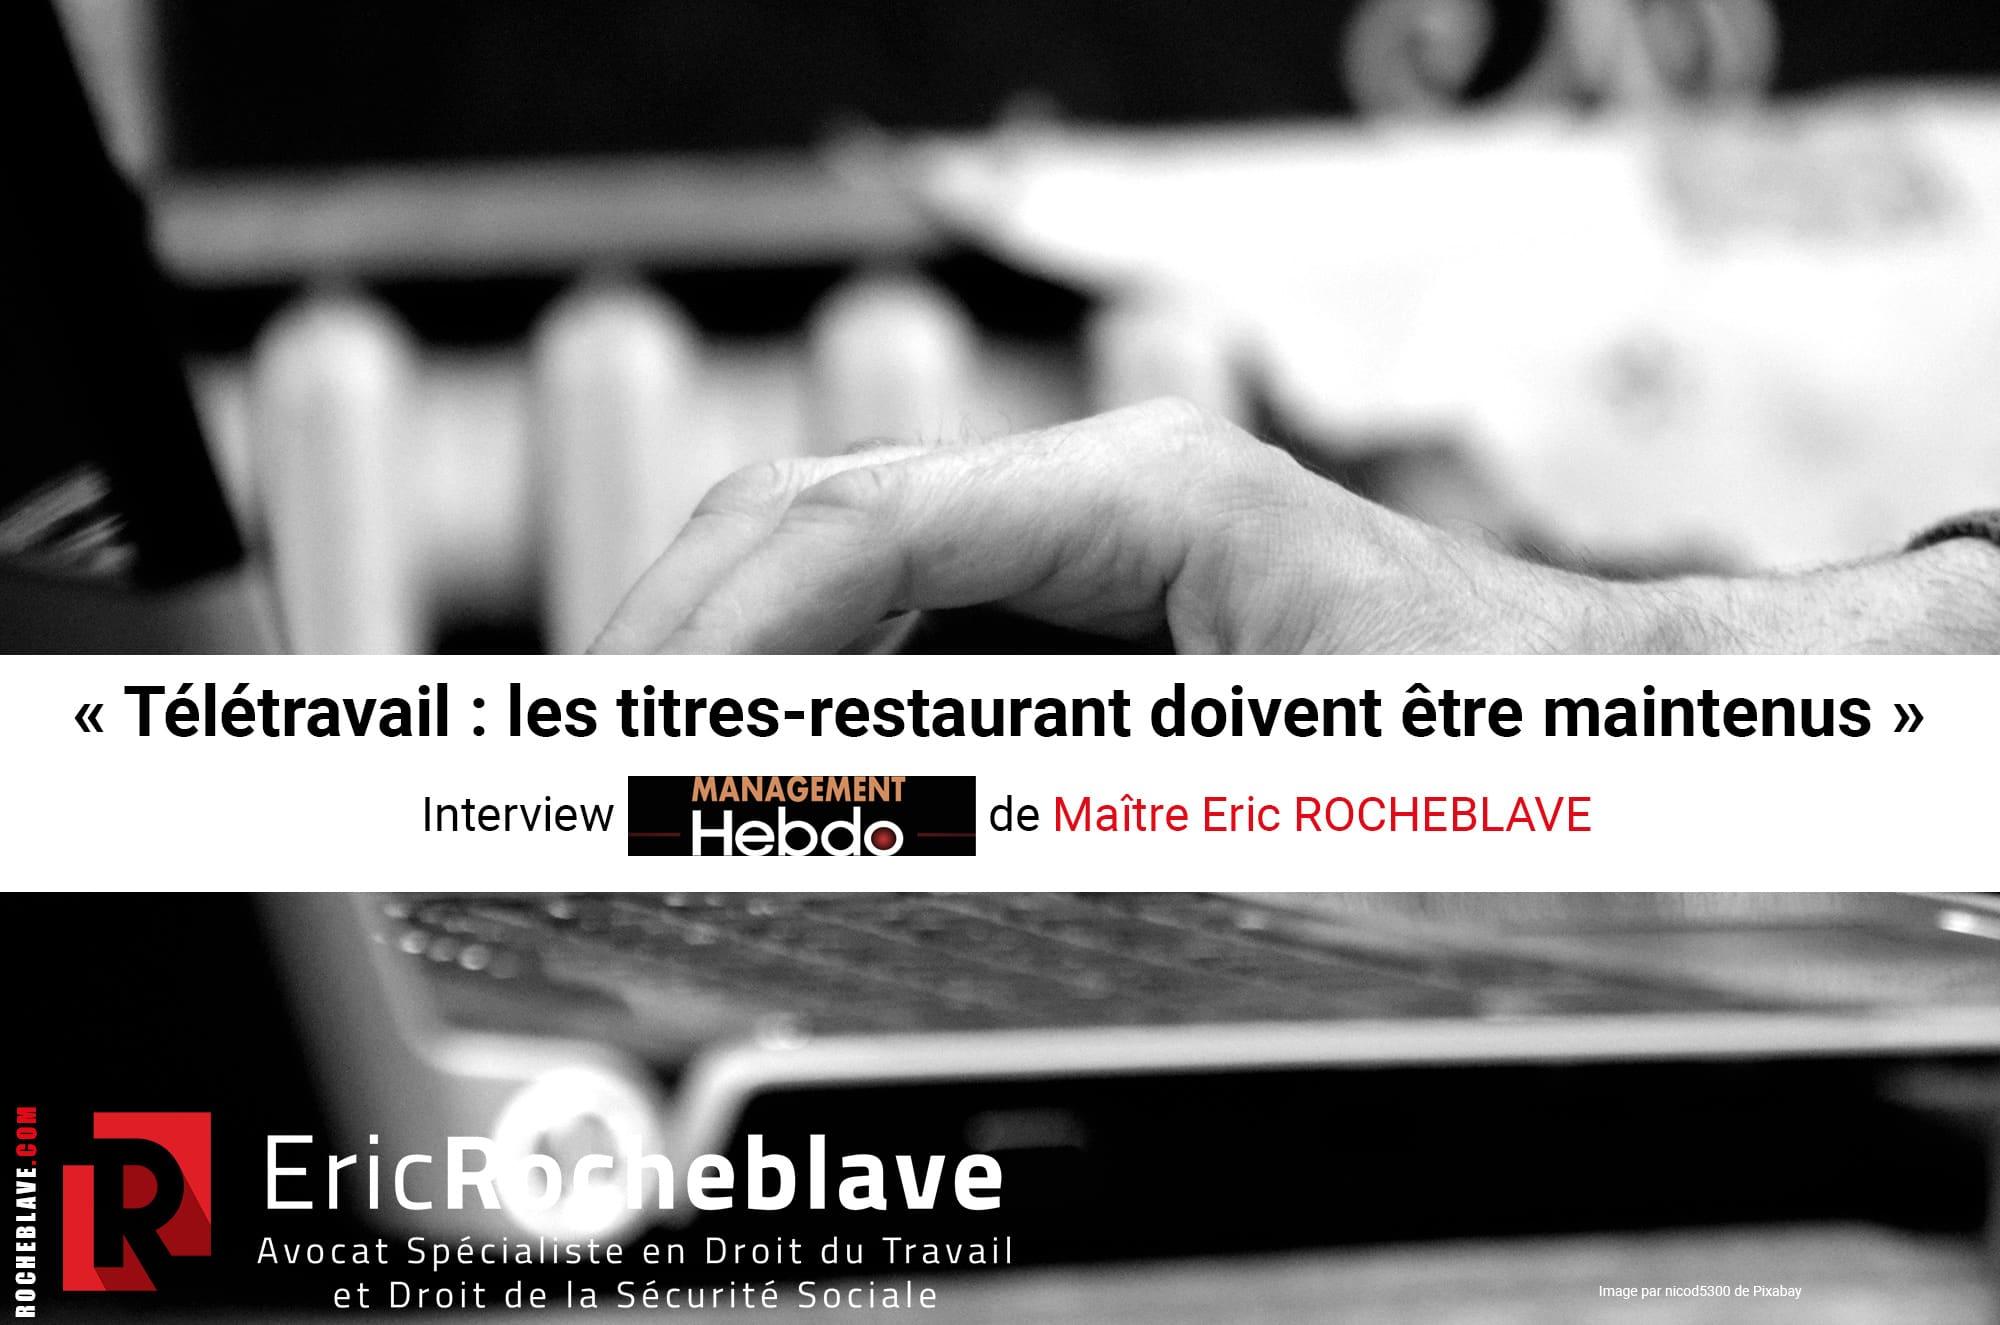 « Télétravail : les titres-restaurant doivent être maintenus » Interview Management Hebdo de Maître Eric ROCHEBLAVE